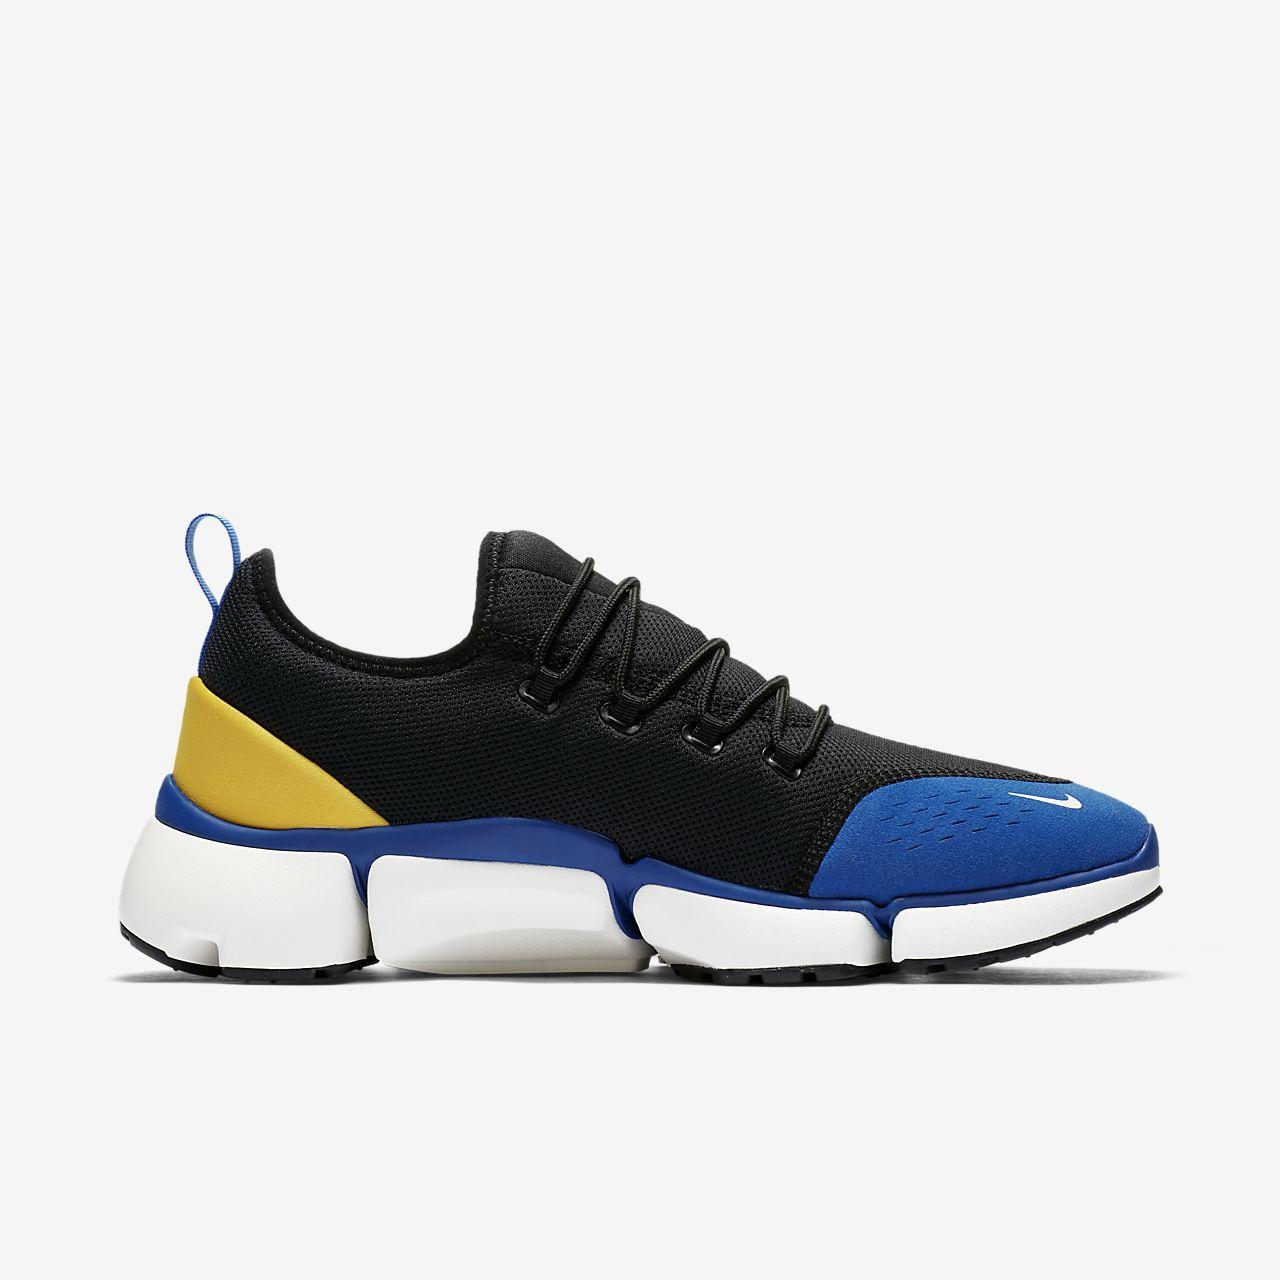 Nike Chaussures Poche Mouche Noire Dm 8r9wF